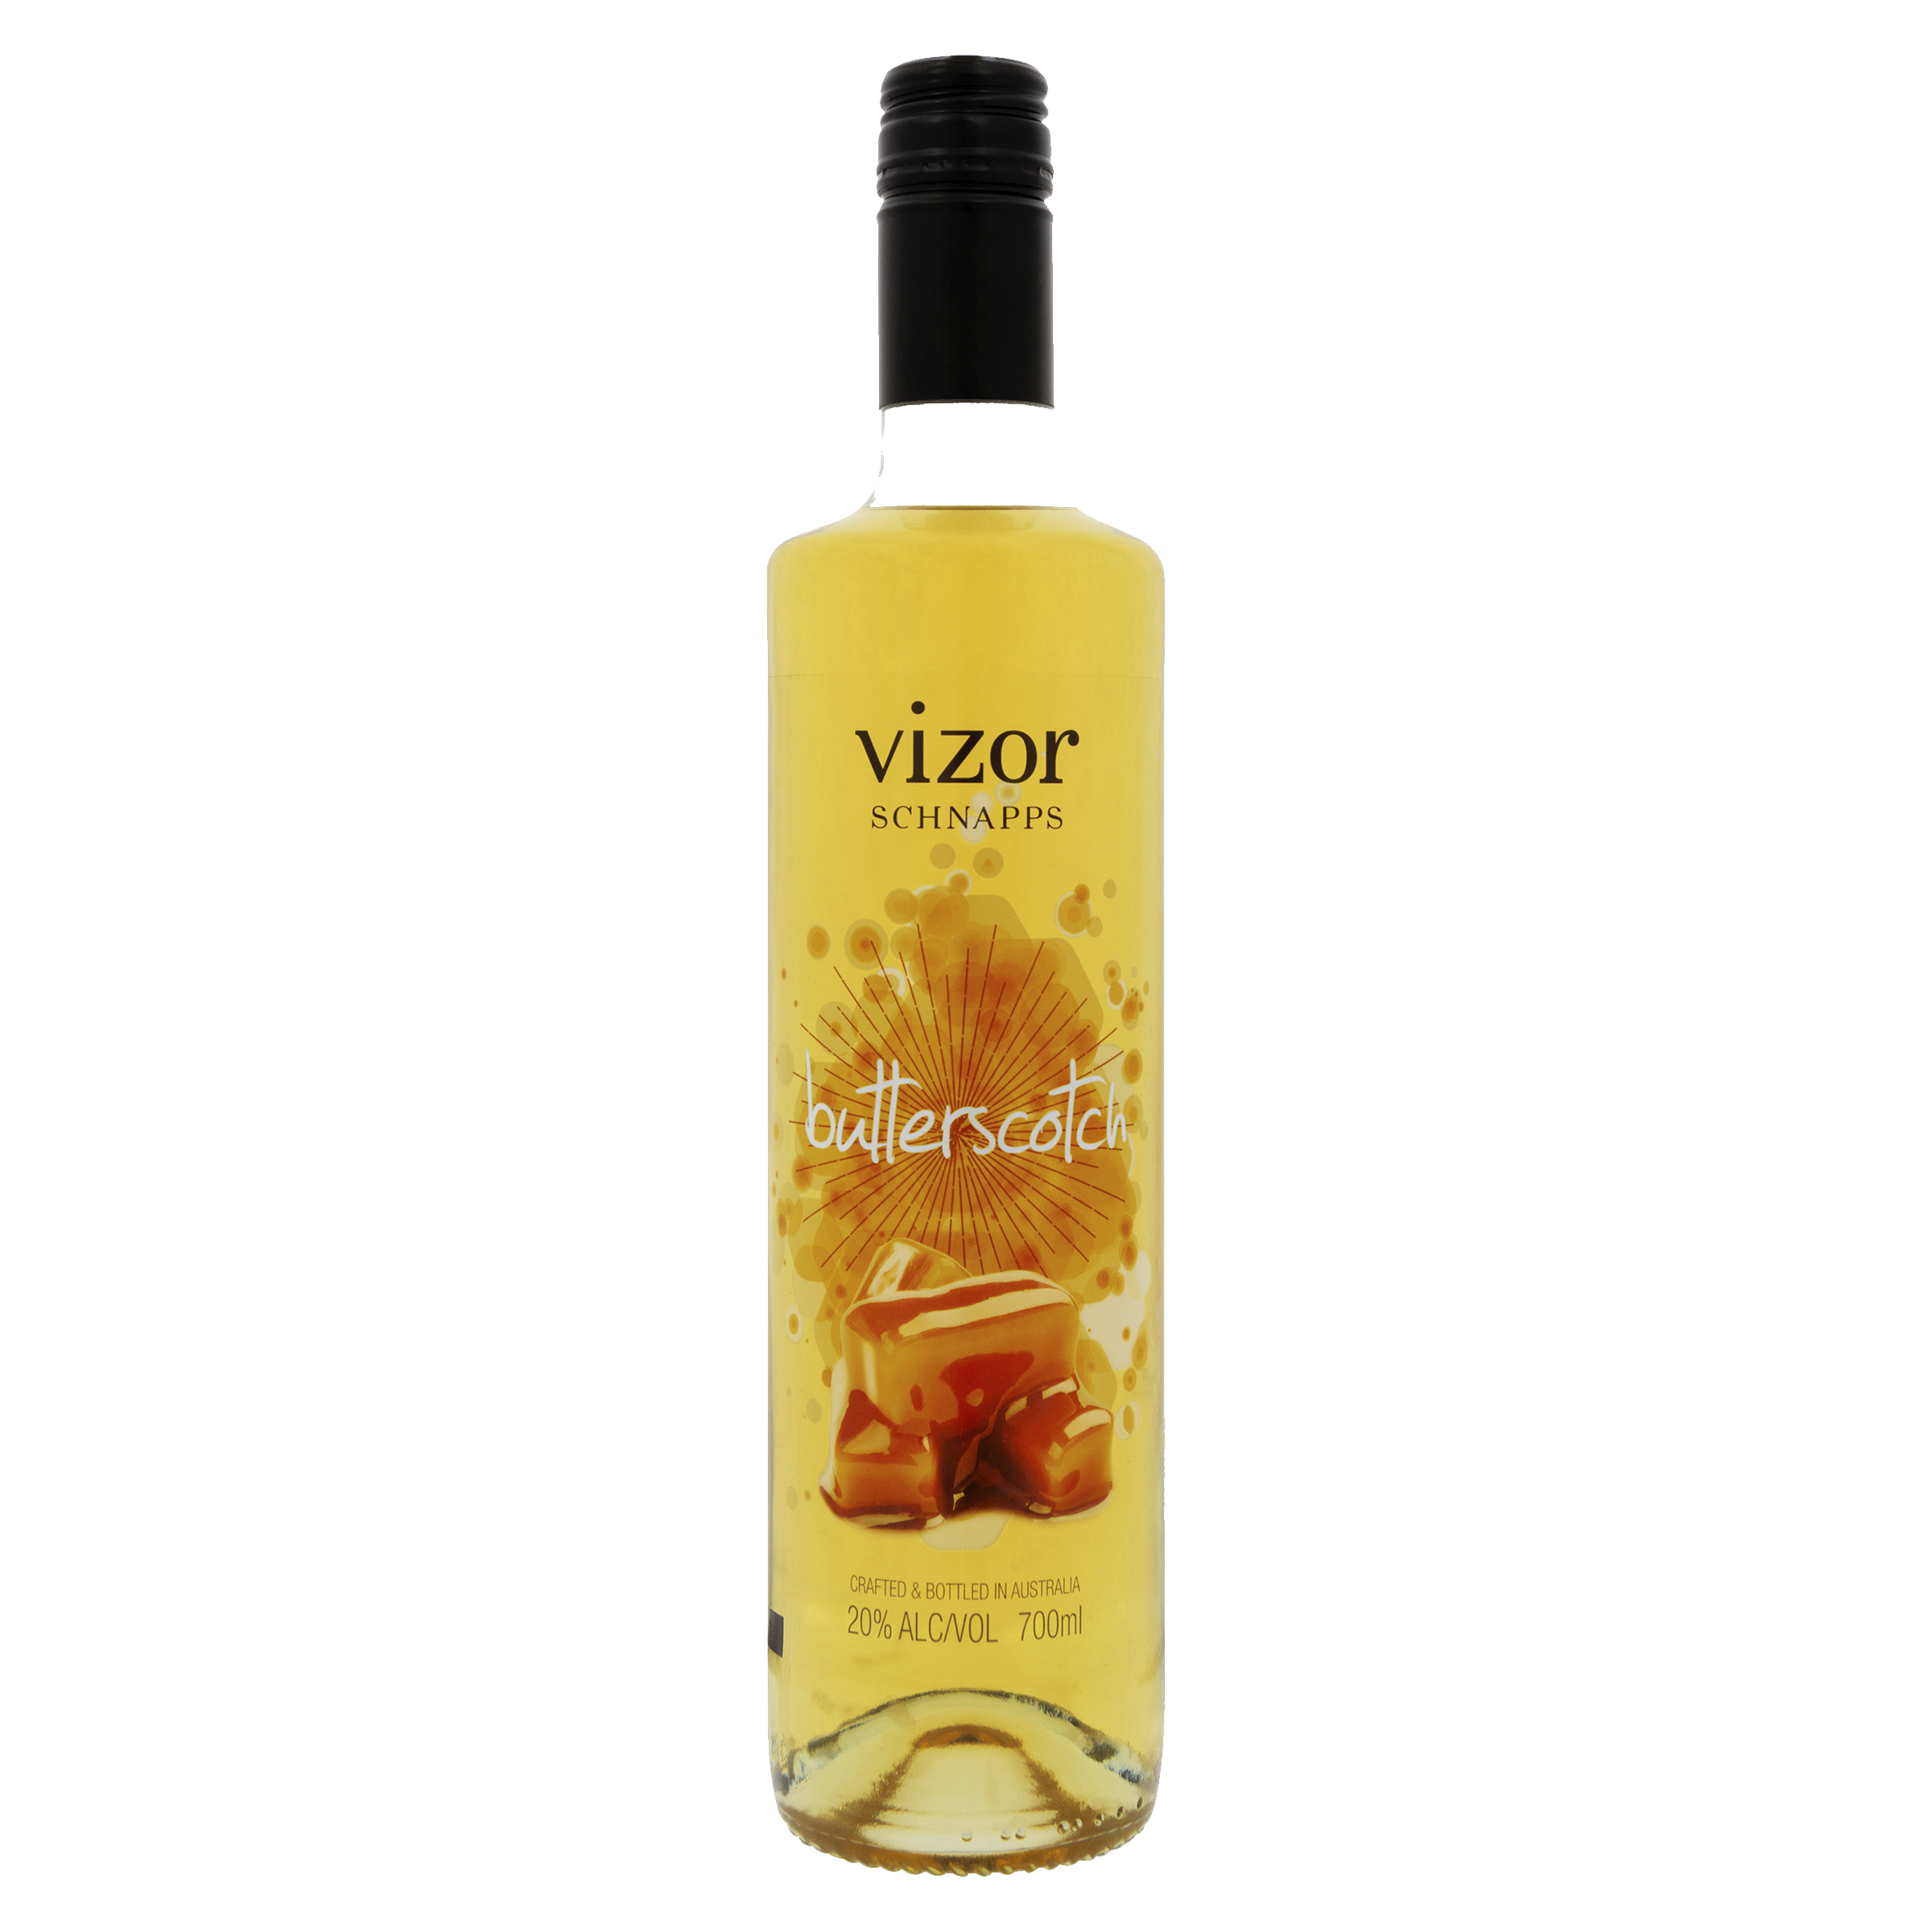 Vizor Butterscotch Schnapps 700ml